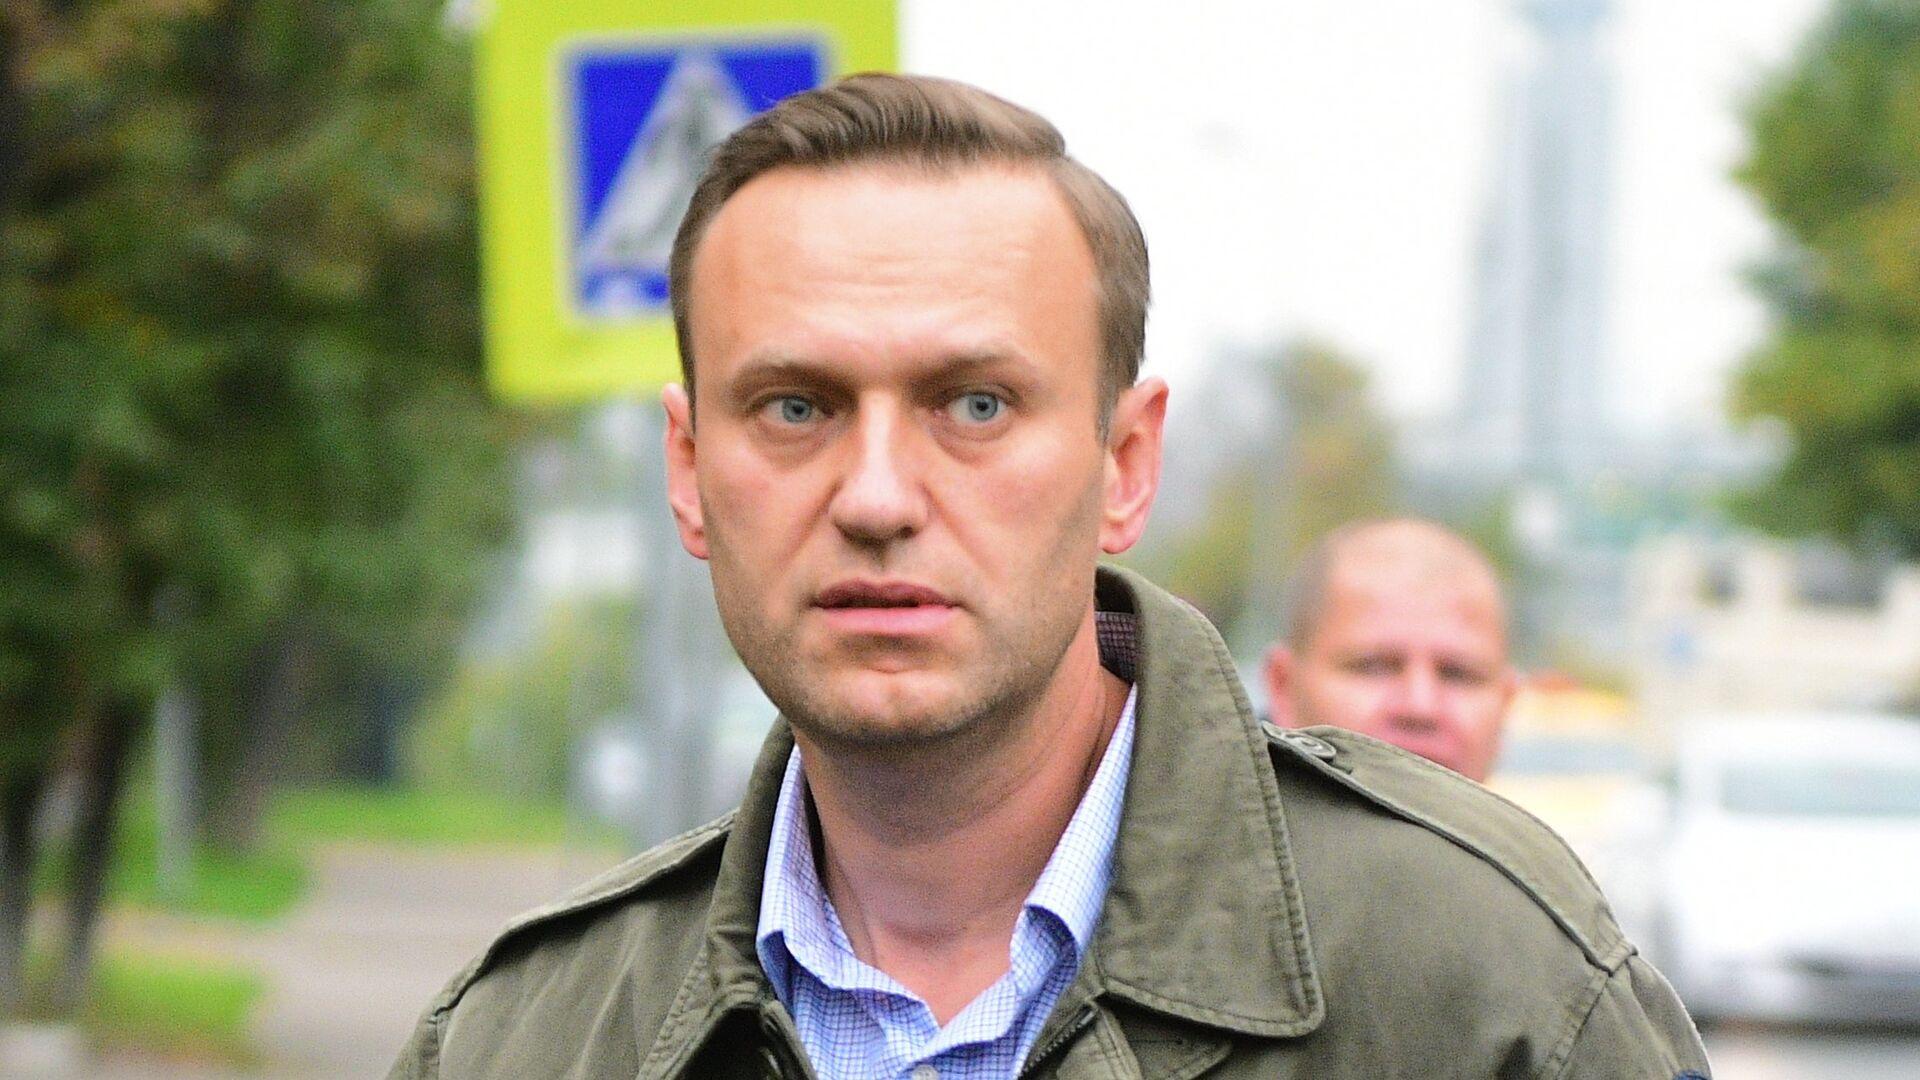 Алексей Навальный у здания Симоновского районного суда Москвы. 2 октября 2017 - РИА Новости, 1920, 06.10.2020